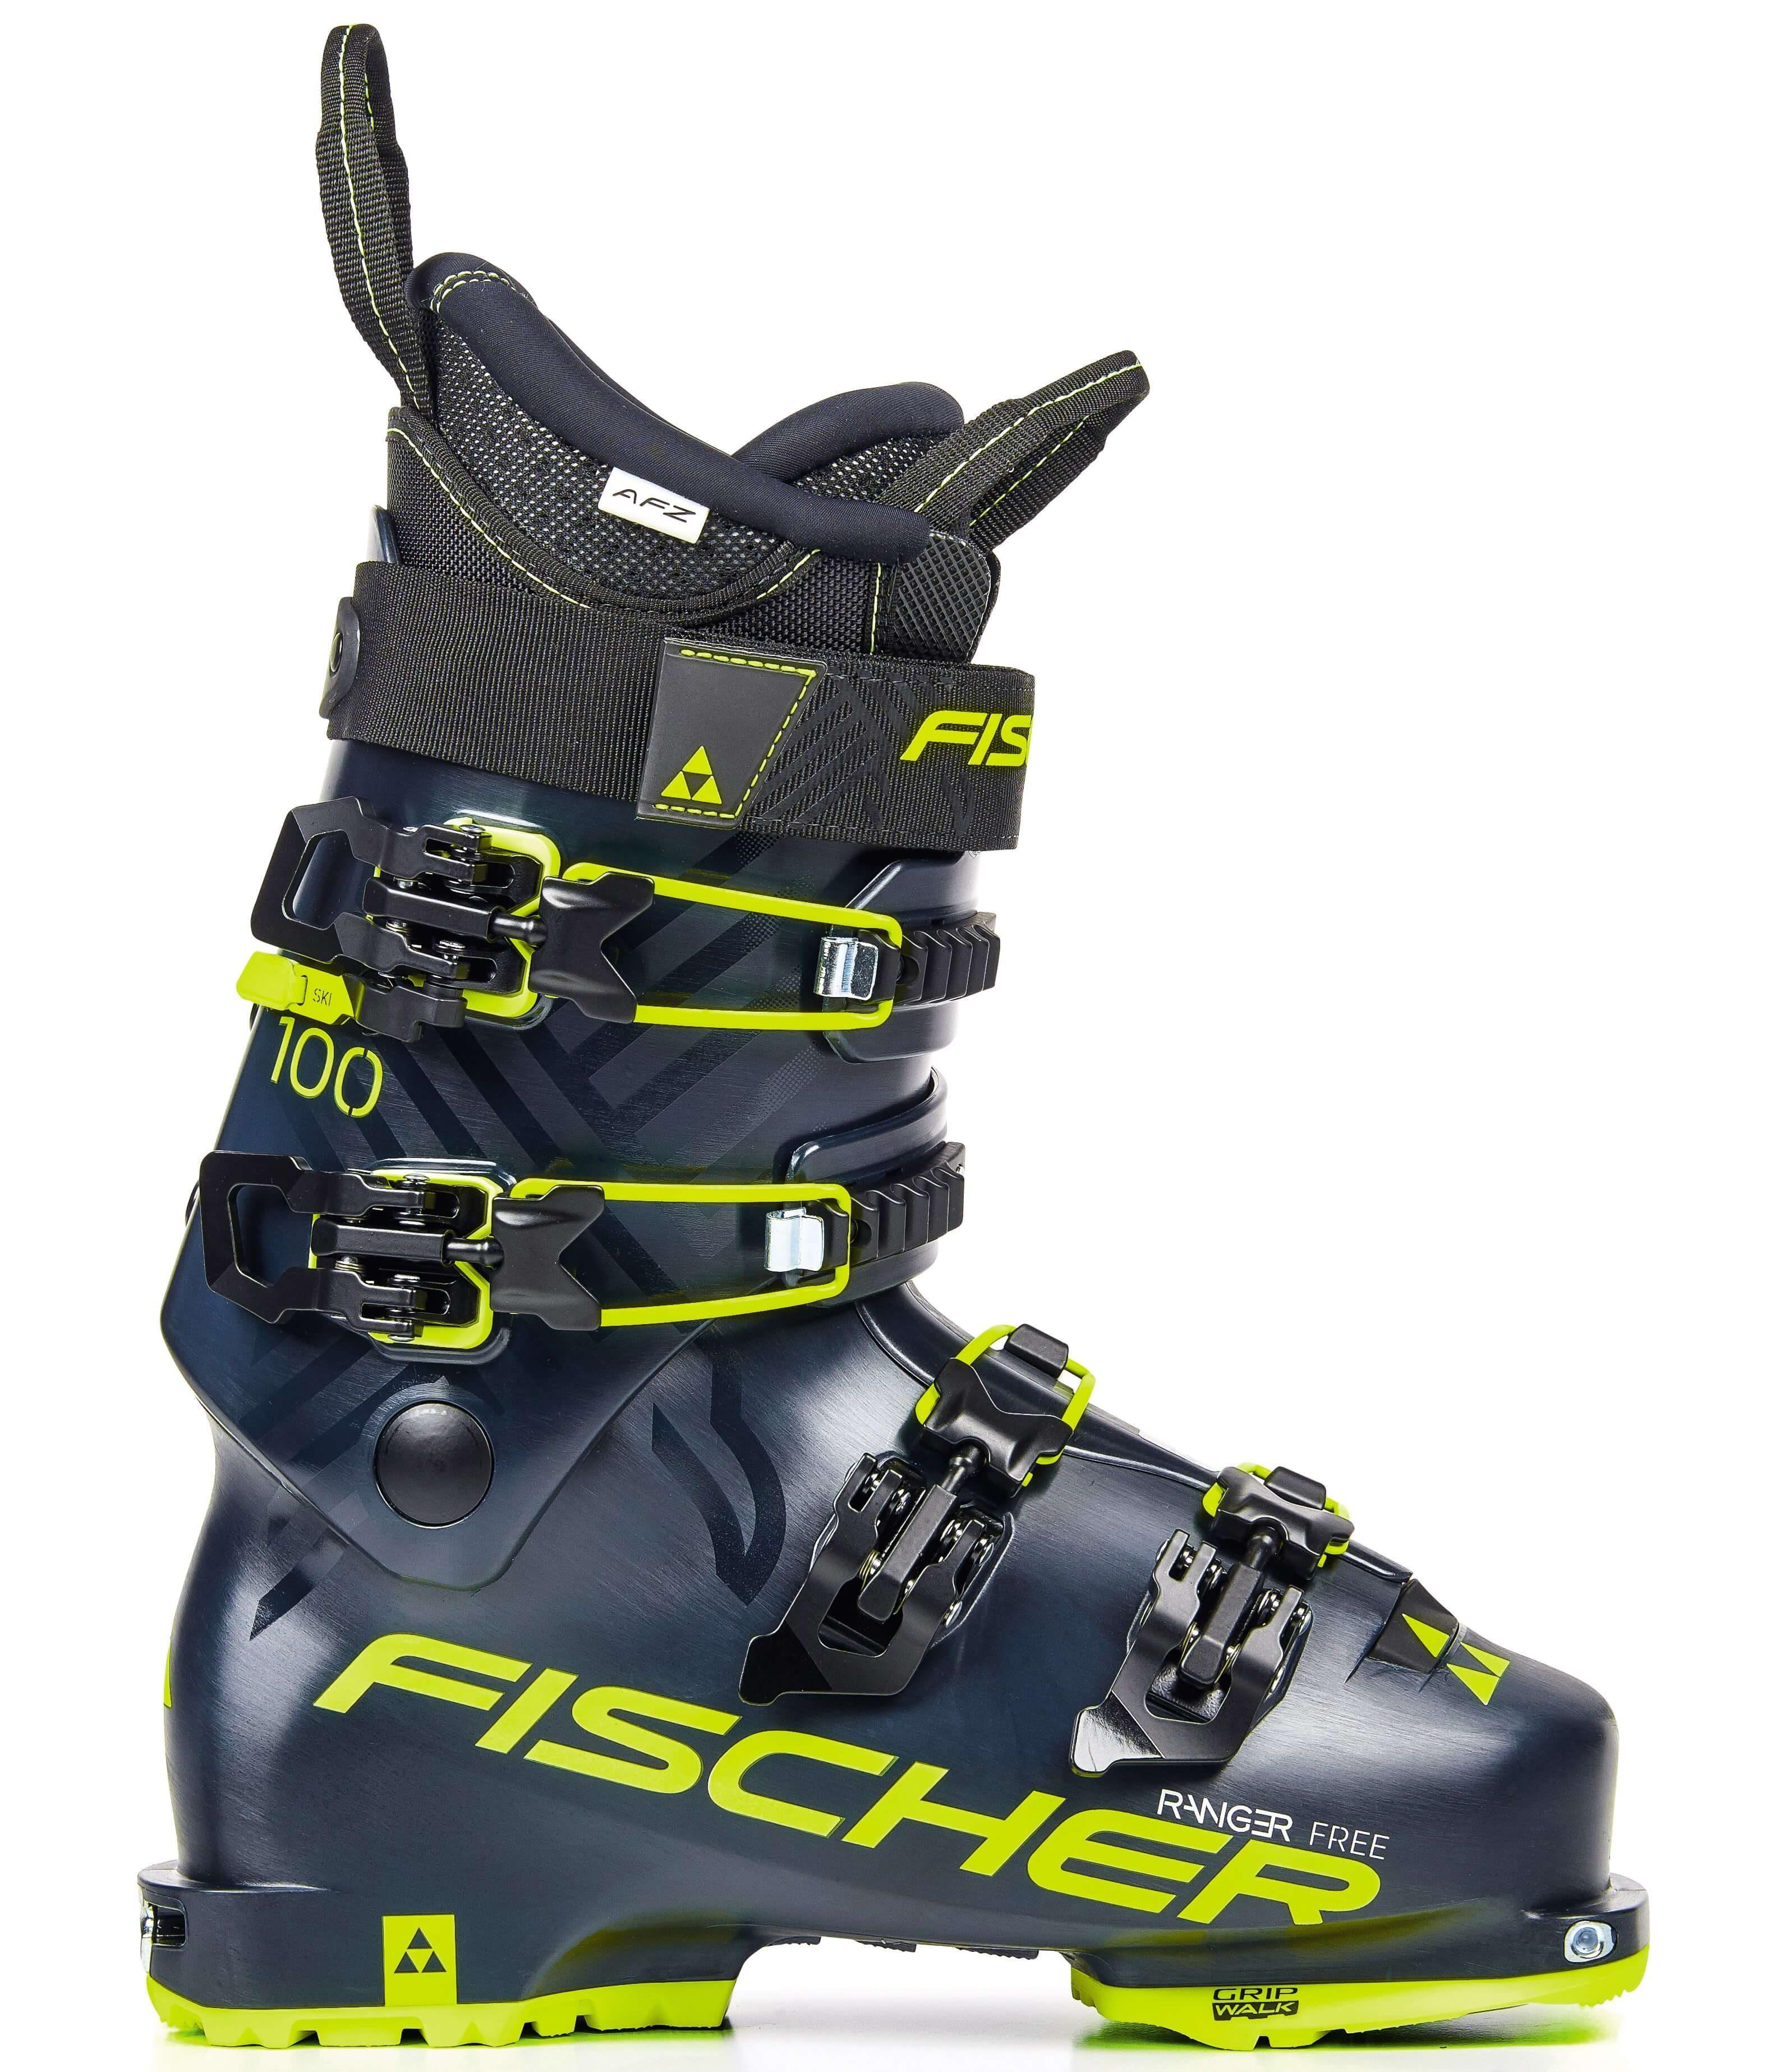 Buty narciarskie Fischer Ranger Free 100 Walk 2020